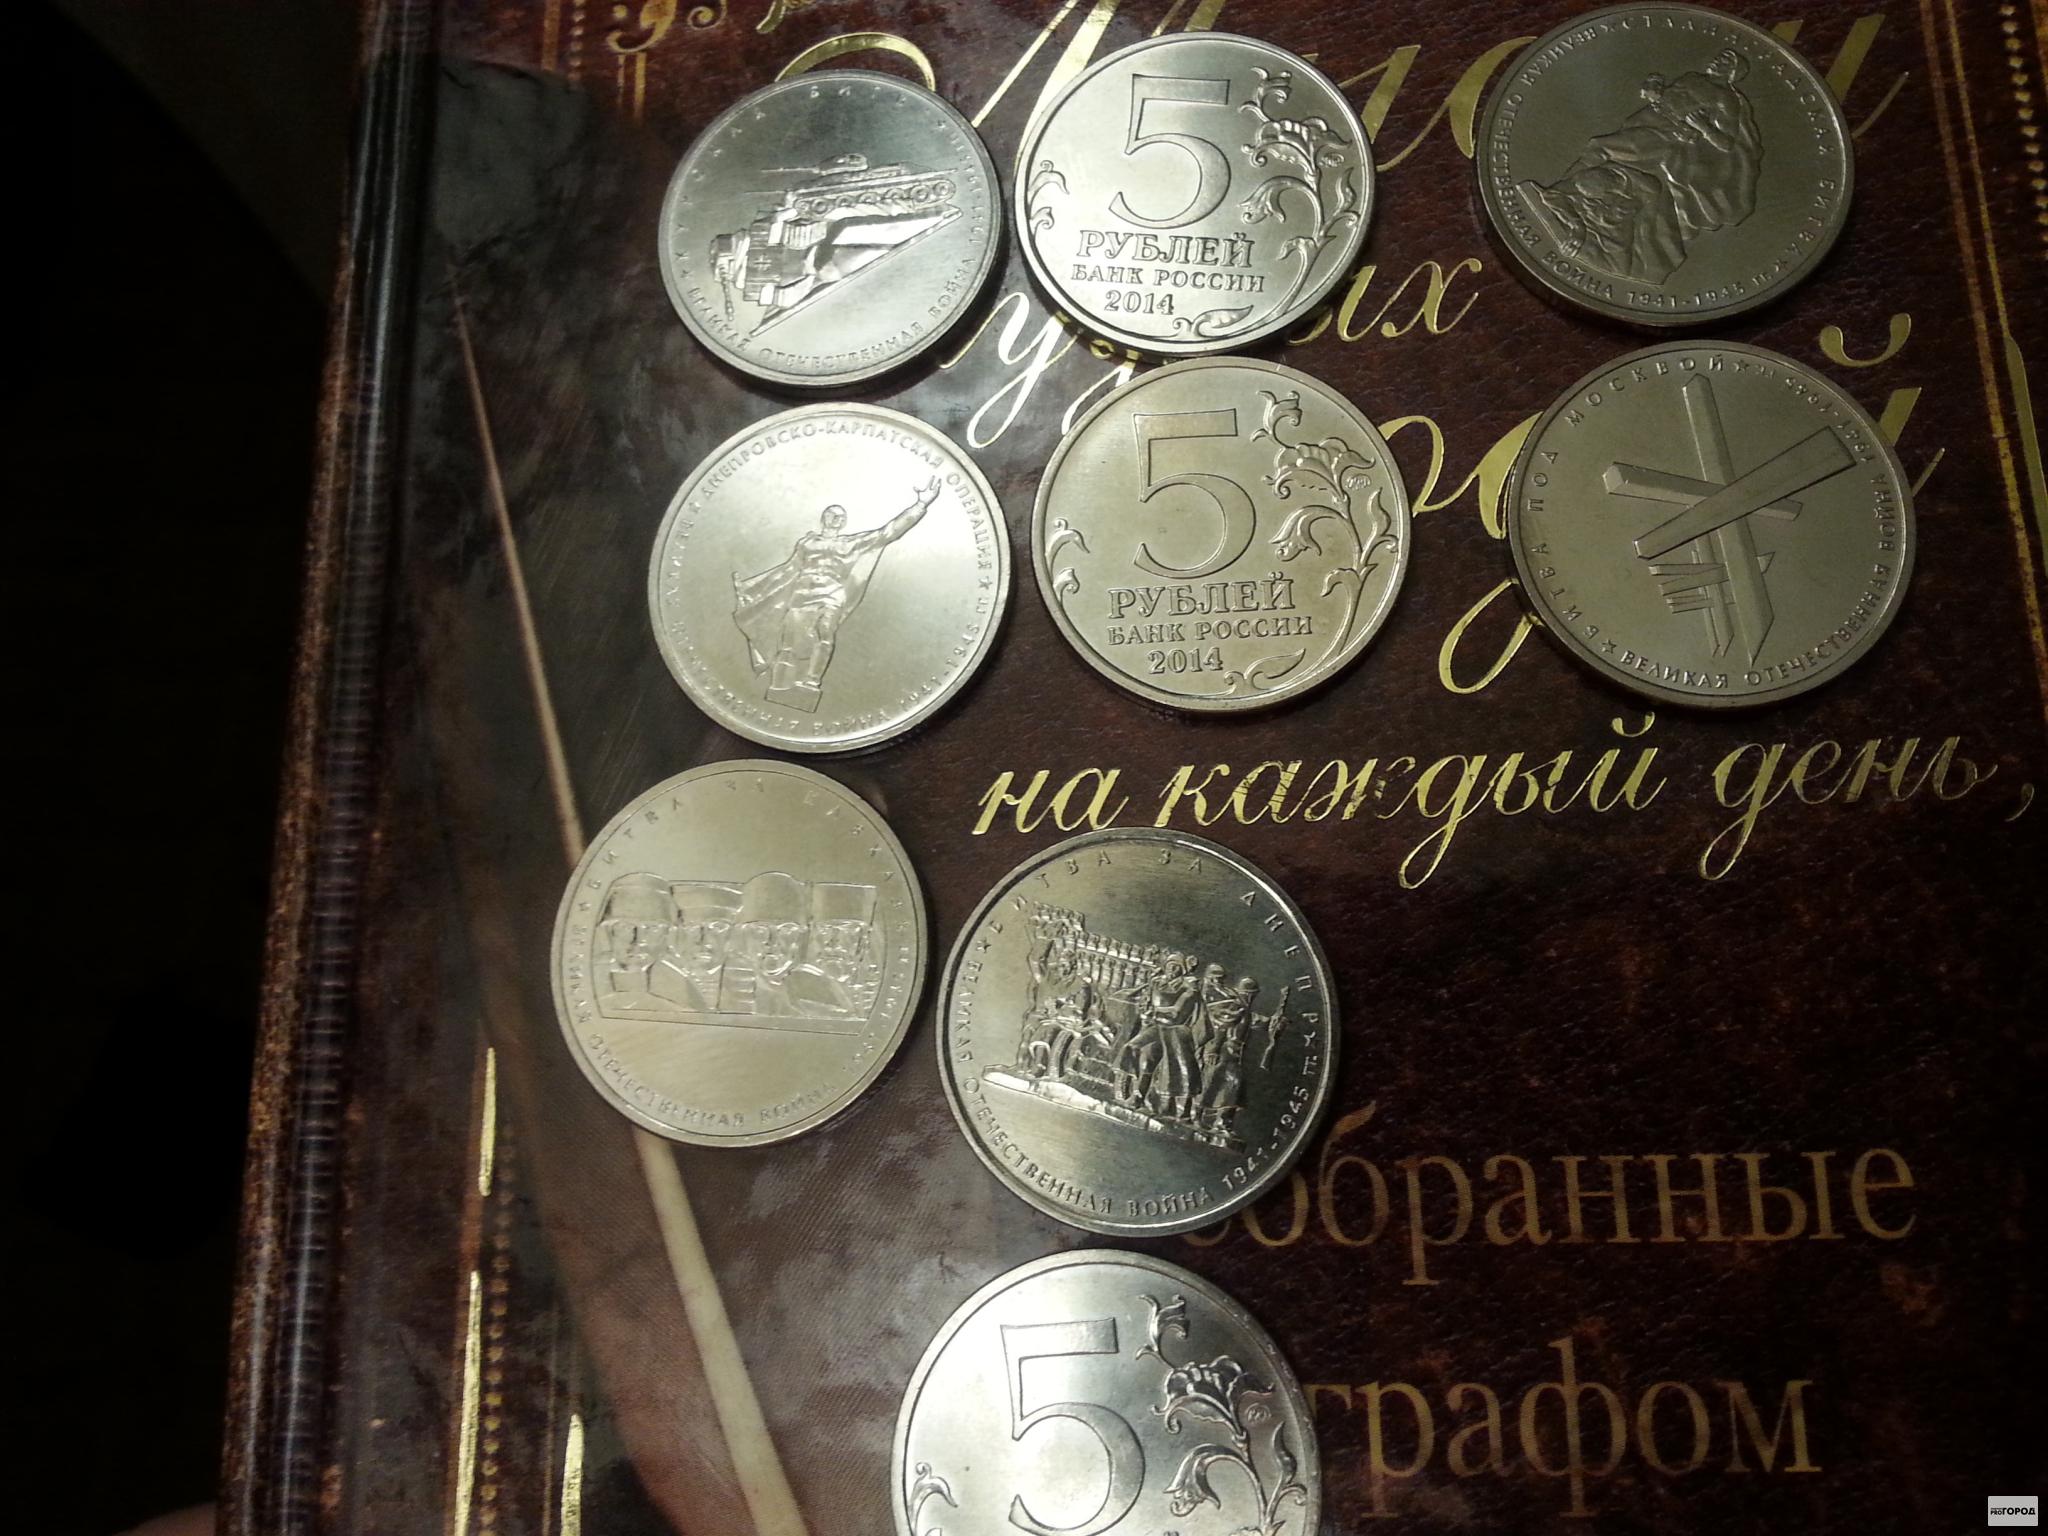 Памятные пятирублевые монеты монеты 1958 года цена в украине